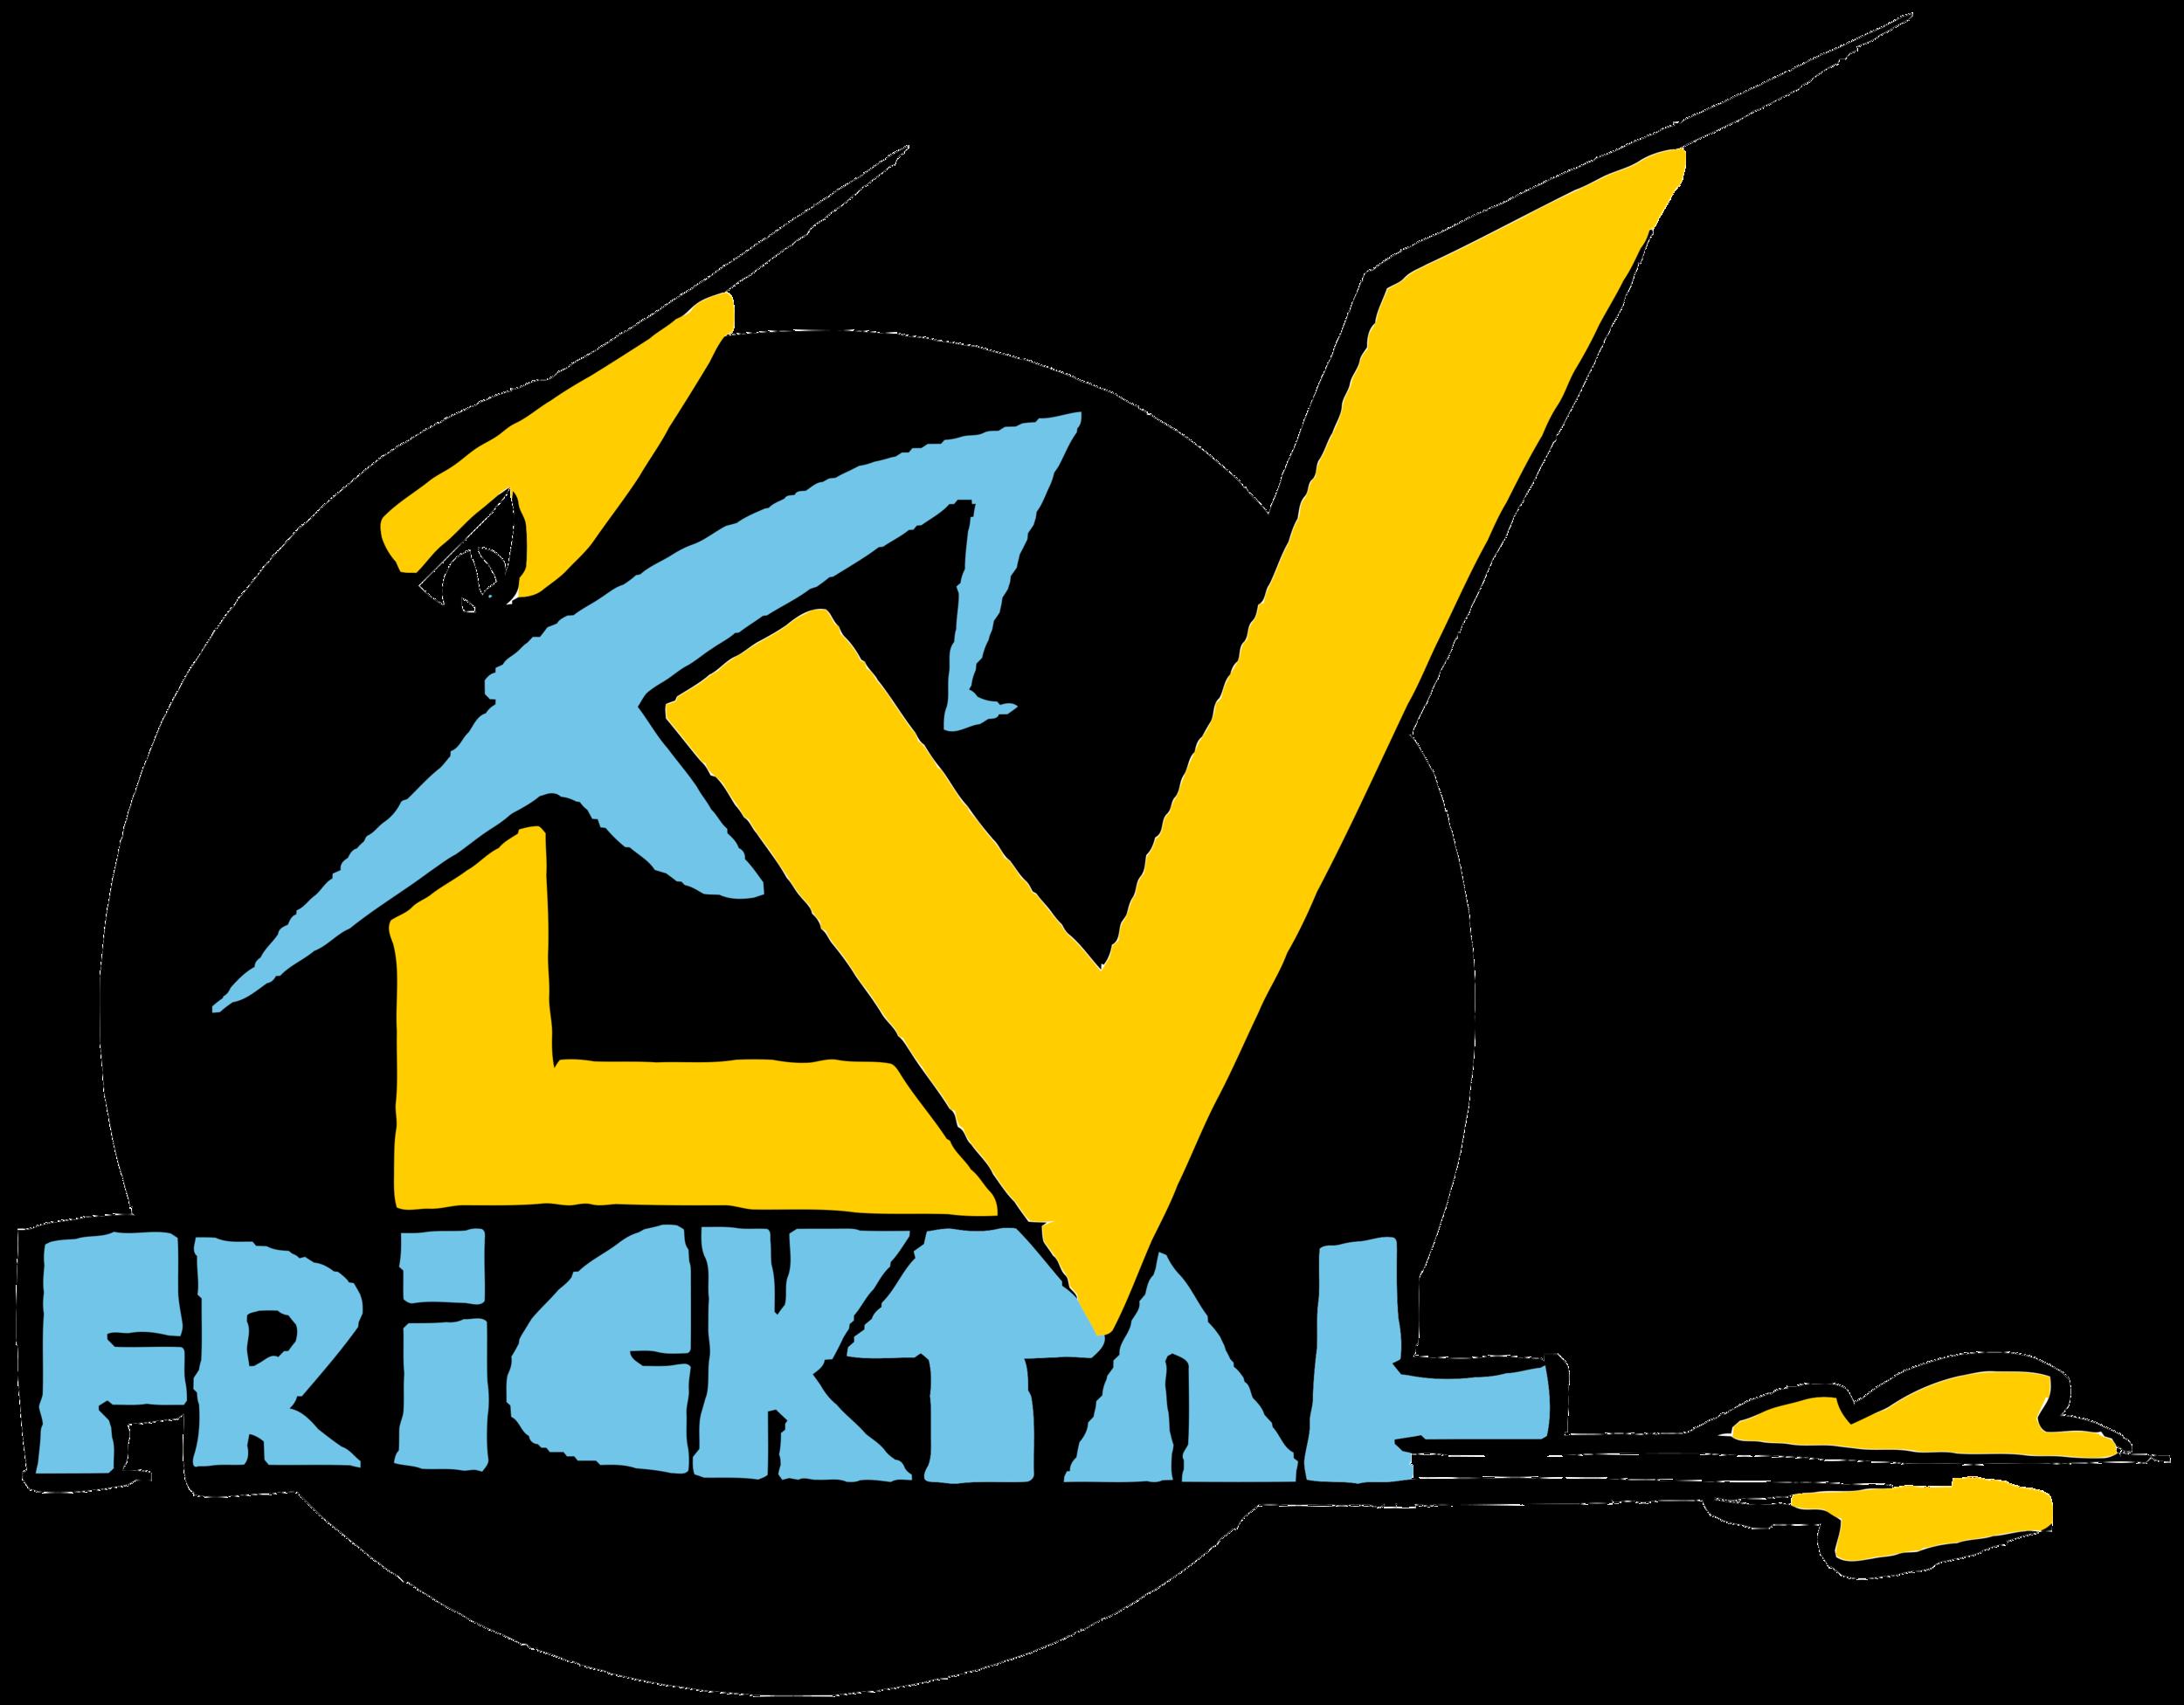 Logo_LV-Fricktal_nobackground.png